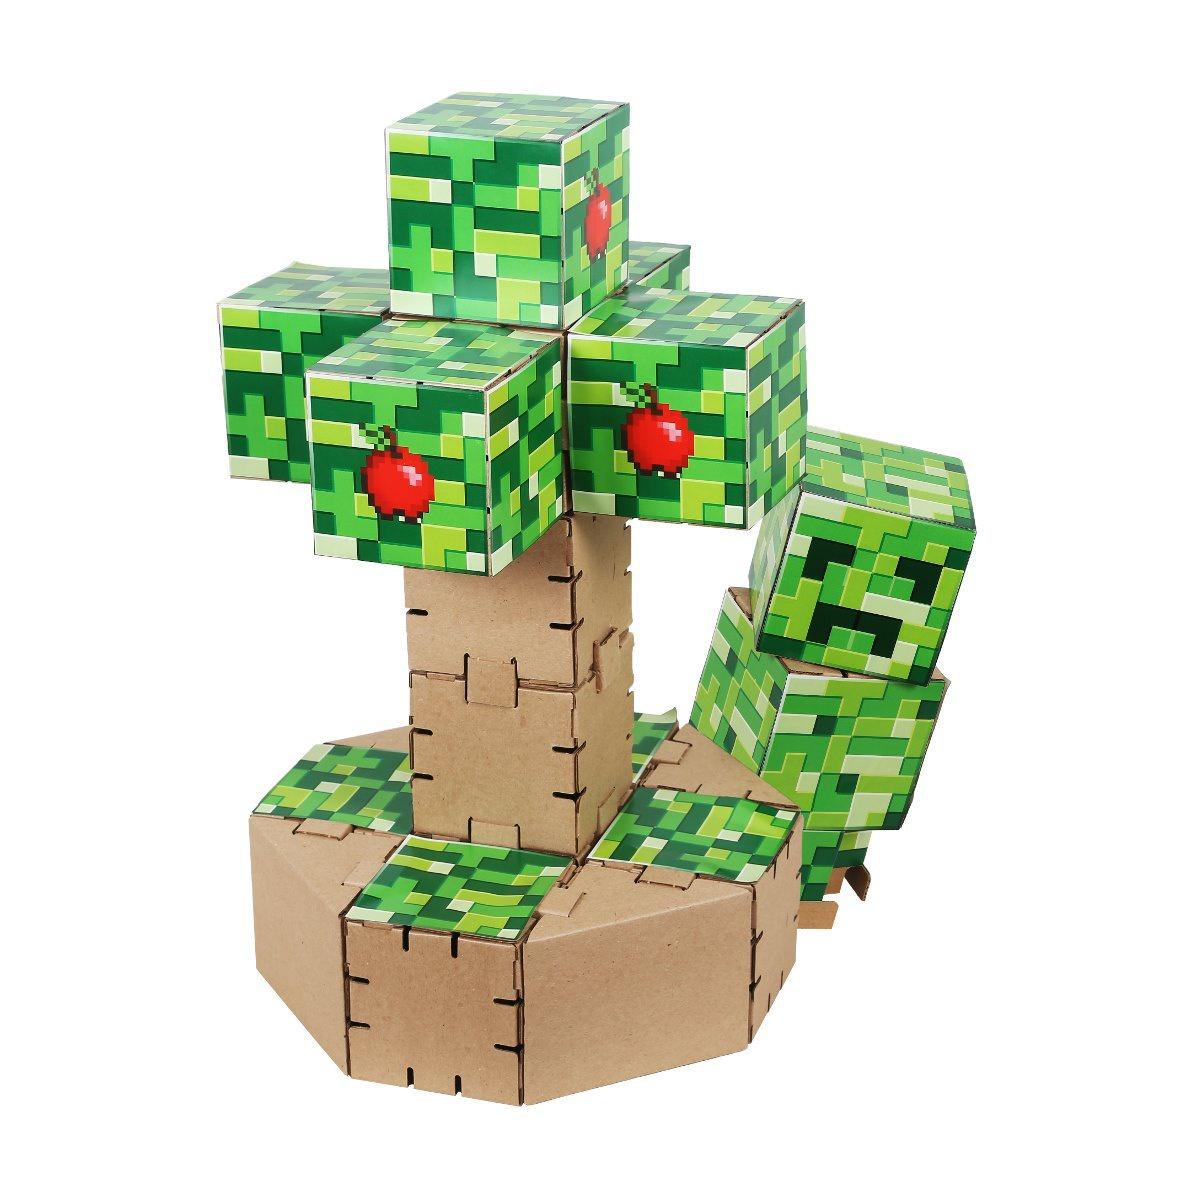 Конструктор картонный Yohocraft Дерево Крипа yohocube картонный конструктор ангелочки yohocube